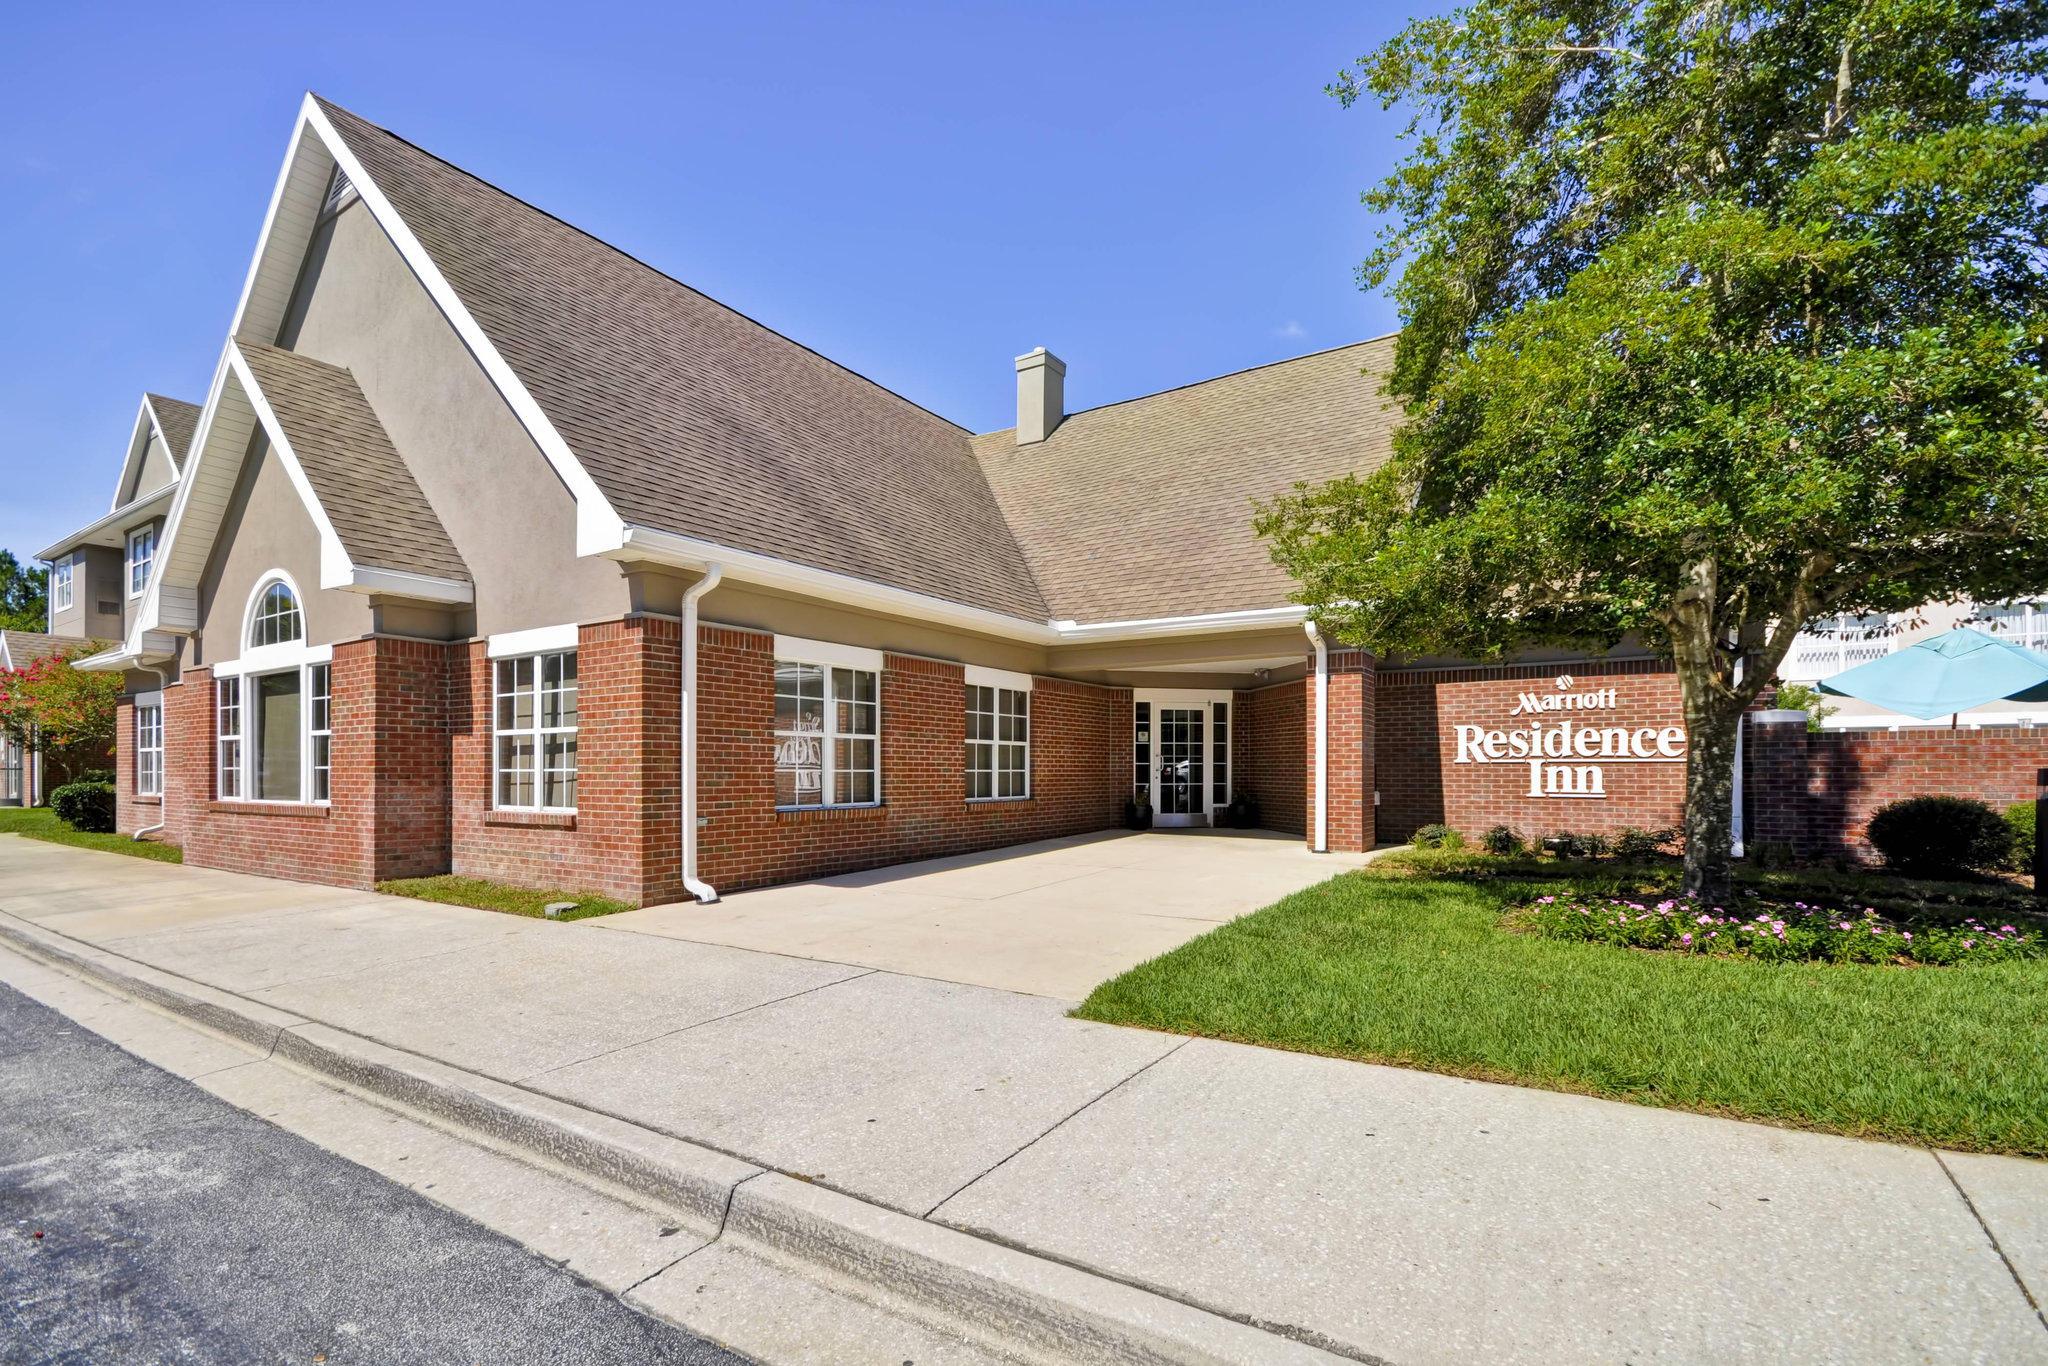 Residence Inn by Marriott Jacksonville Airport